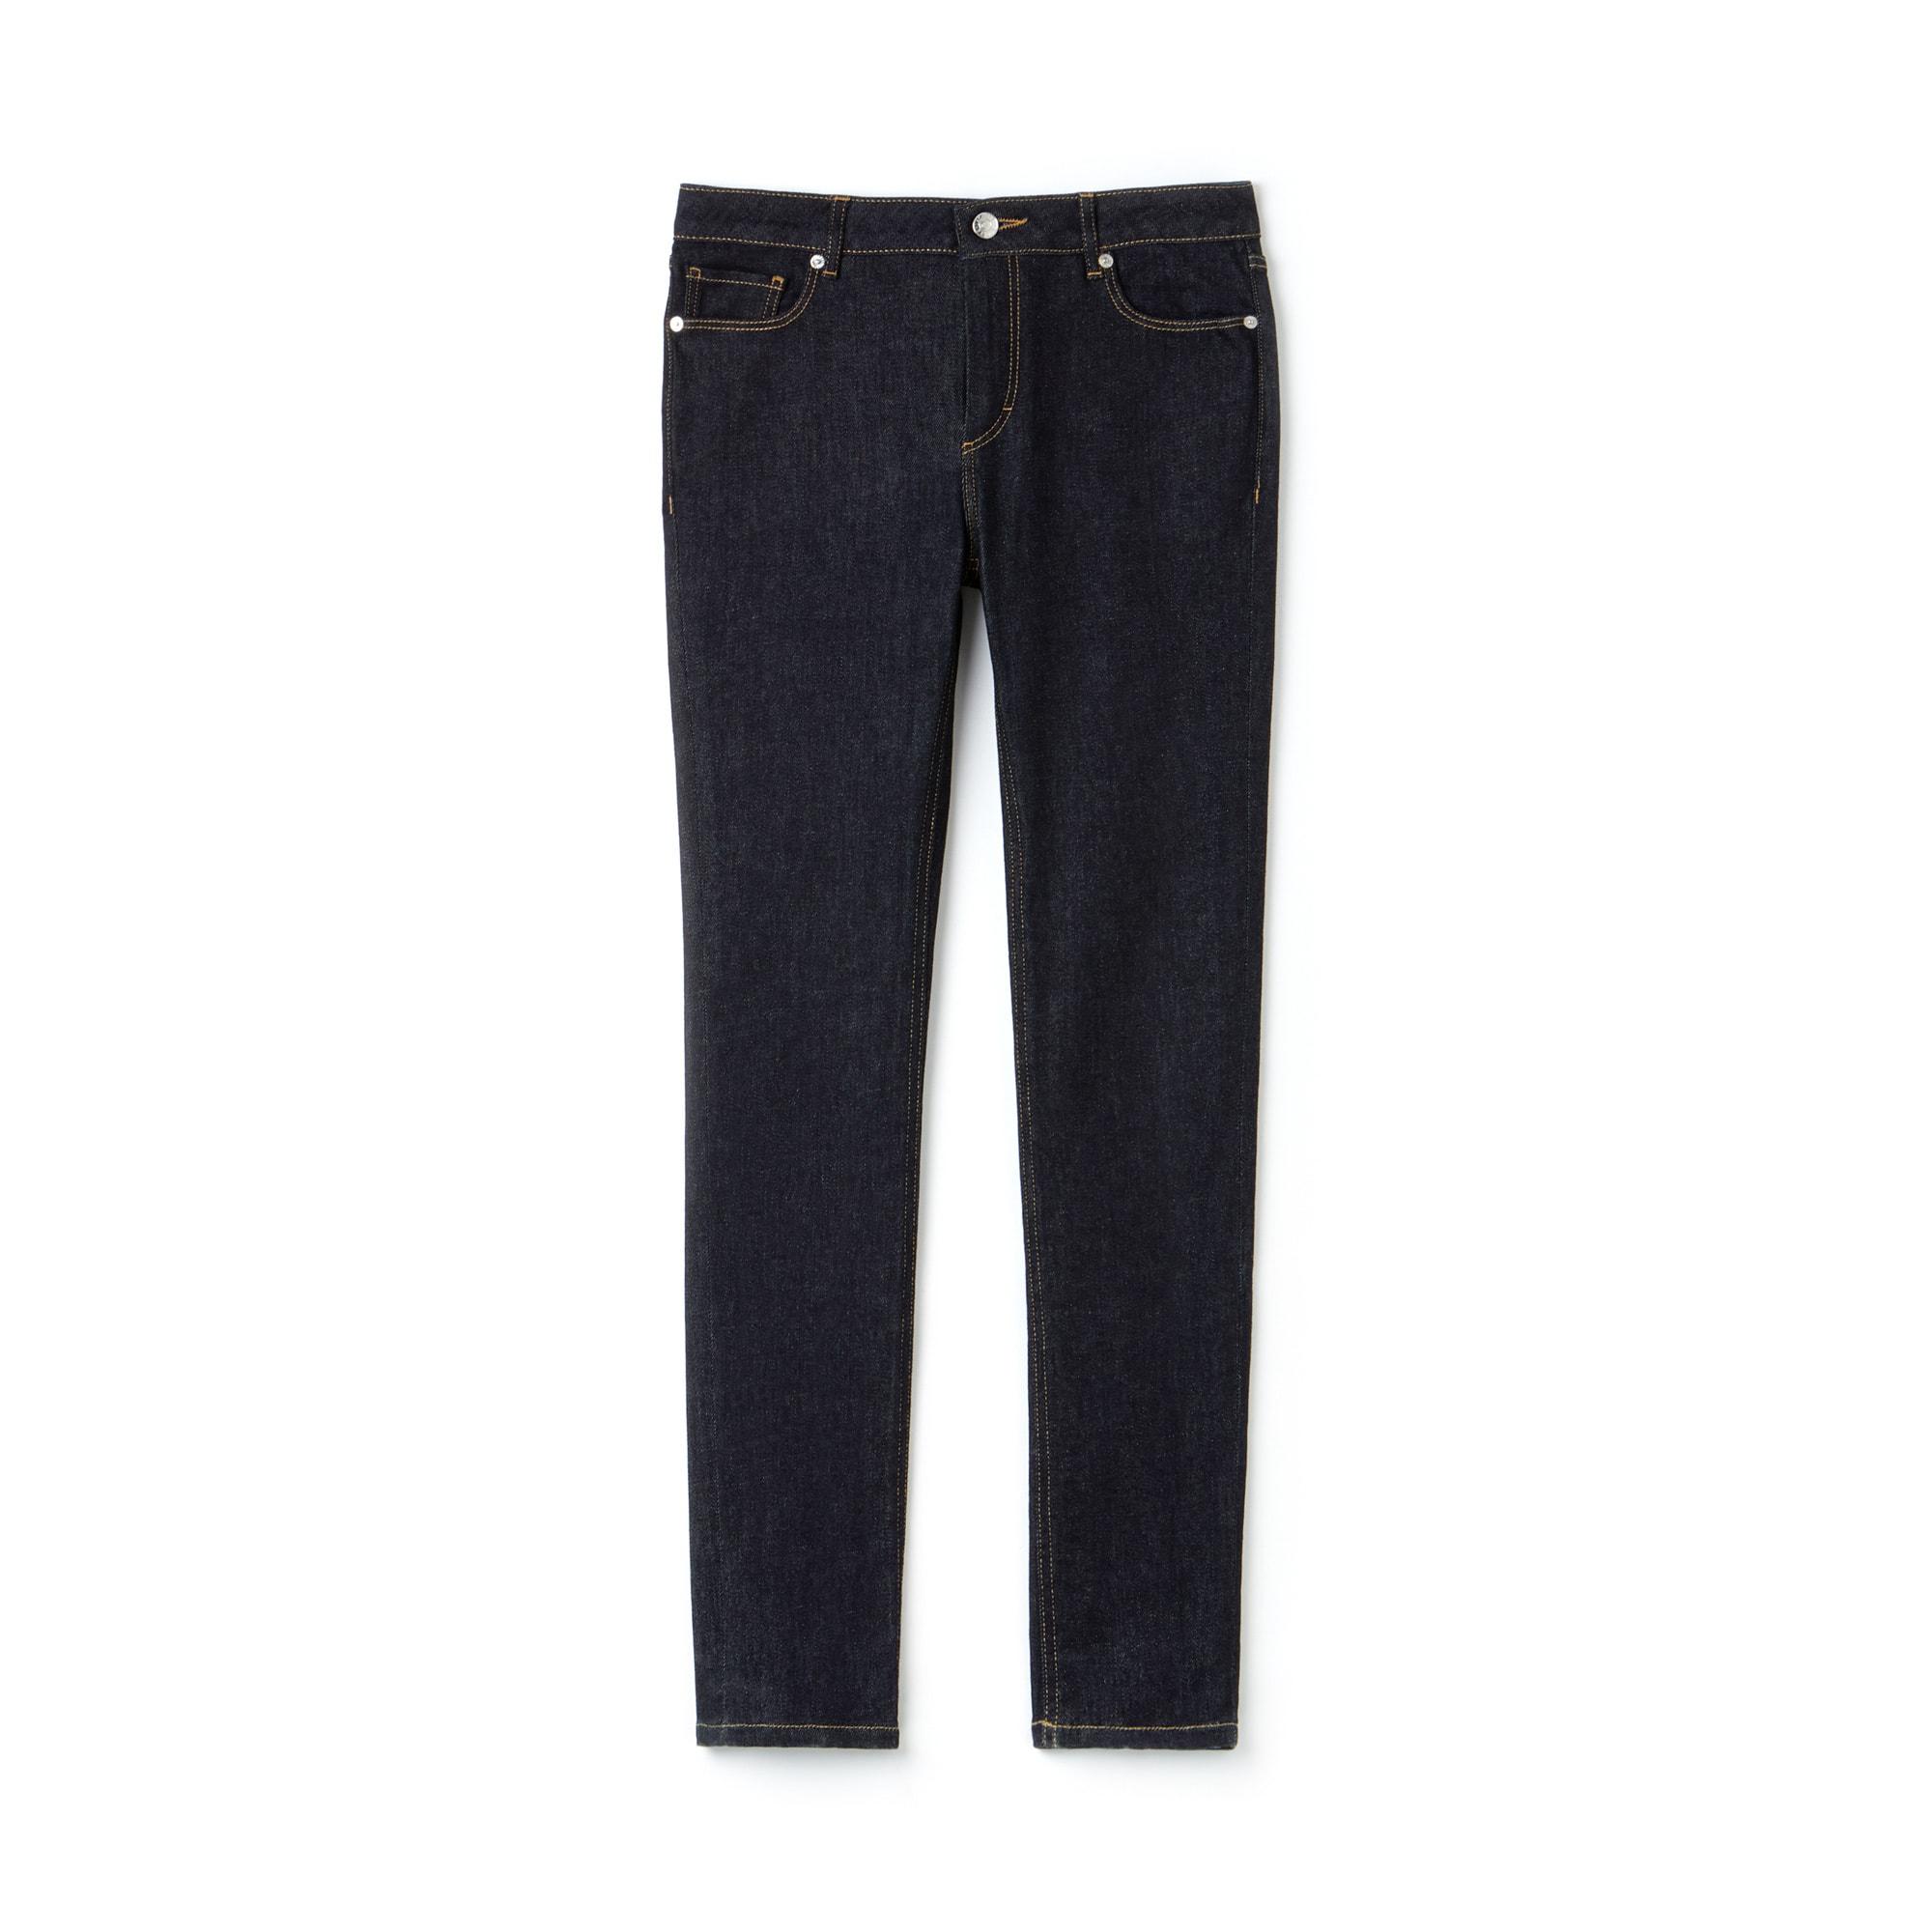 Damen Denim-Jeans aus Stretch-Baumwolle Slim Fit